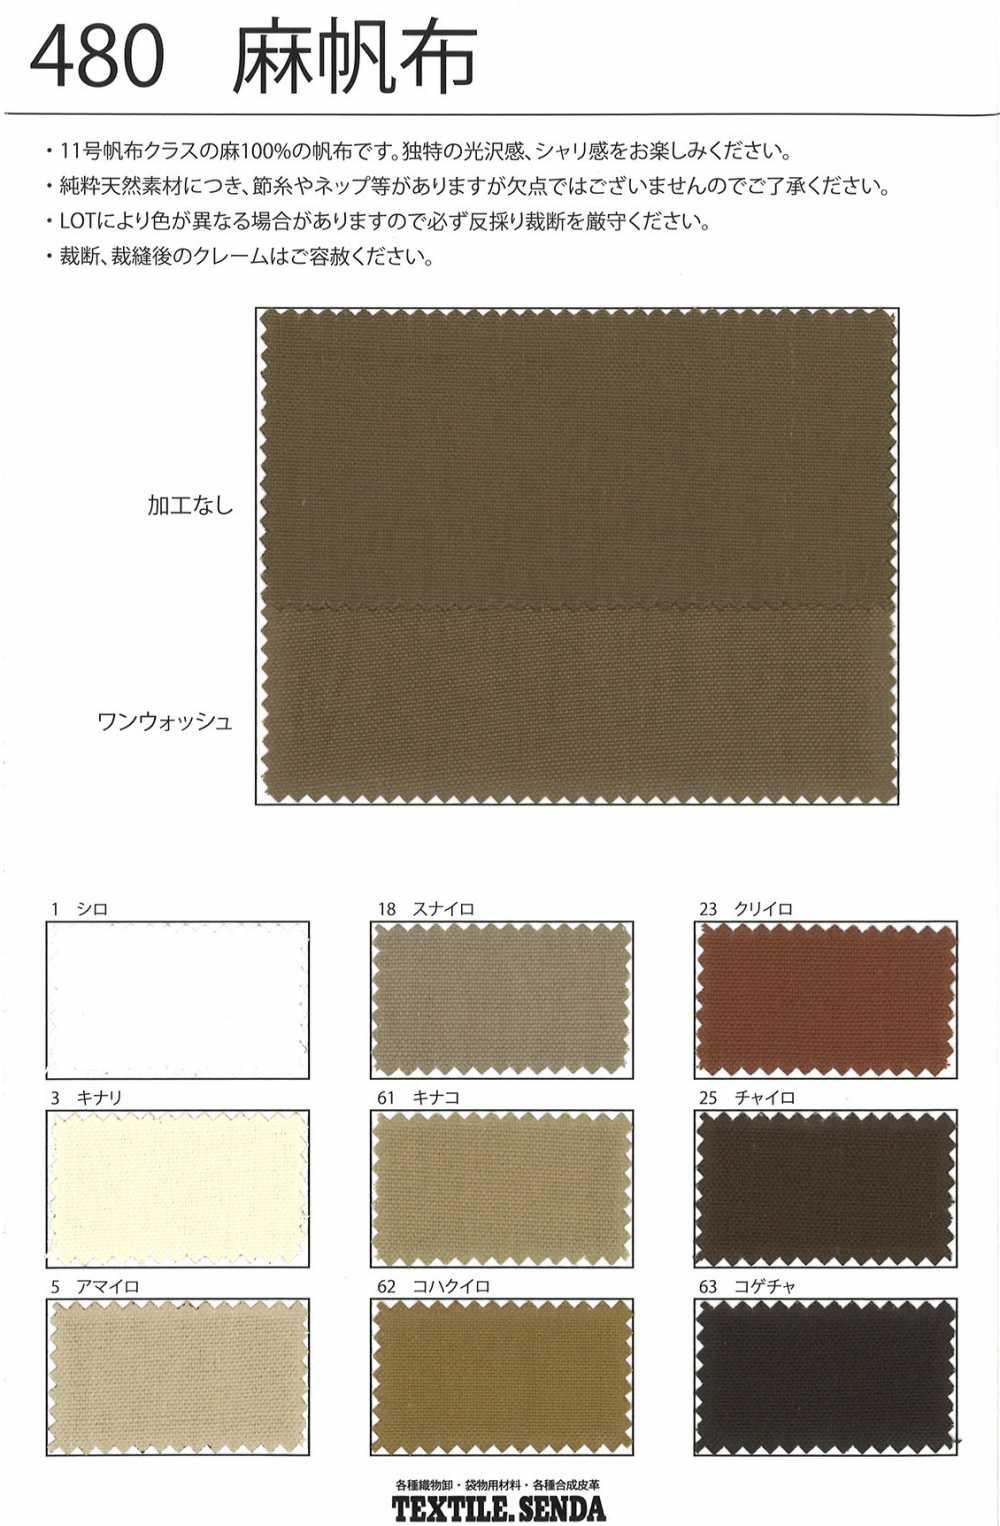 480 麻帆布[生地] 仙田/オークラ商事 - ApparelX アパレル資材卸通販